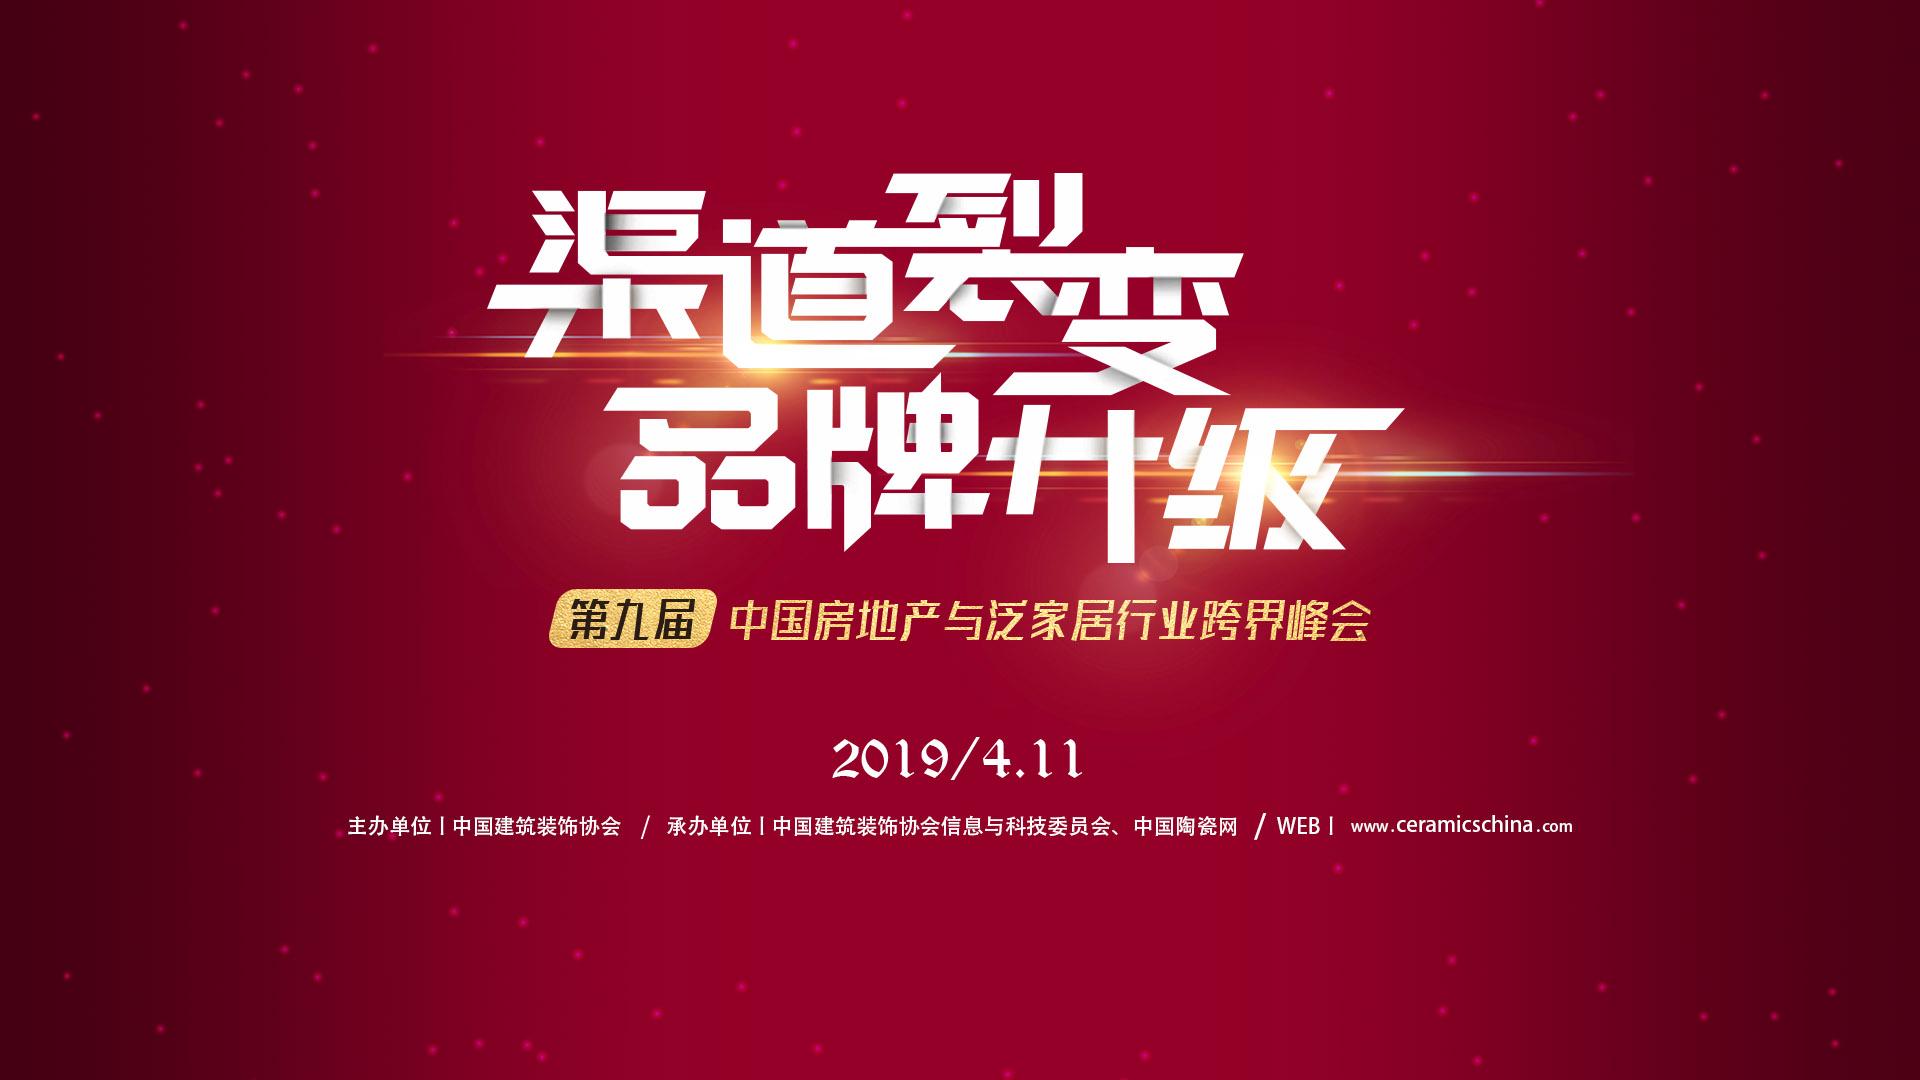 第九屆中國房地產與泛家居行業跨界峰會暨2019年度中國建筑衛生陶瓷十大品牌榜頒獎盛典